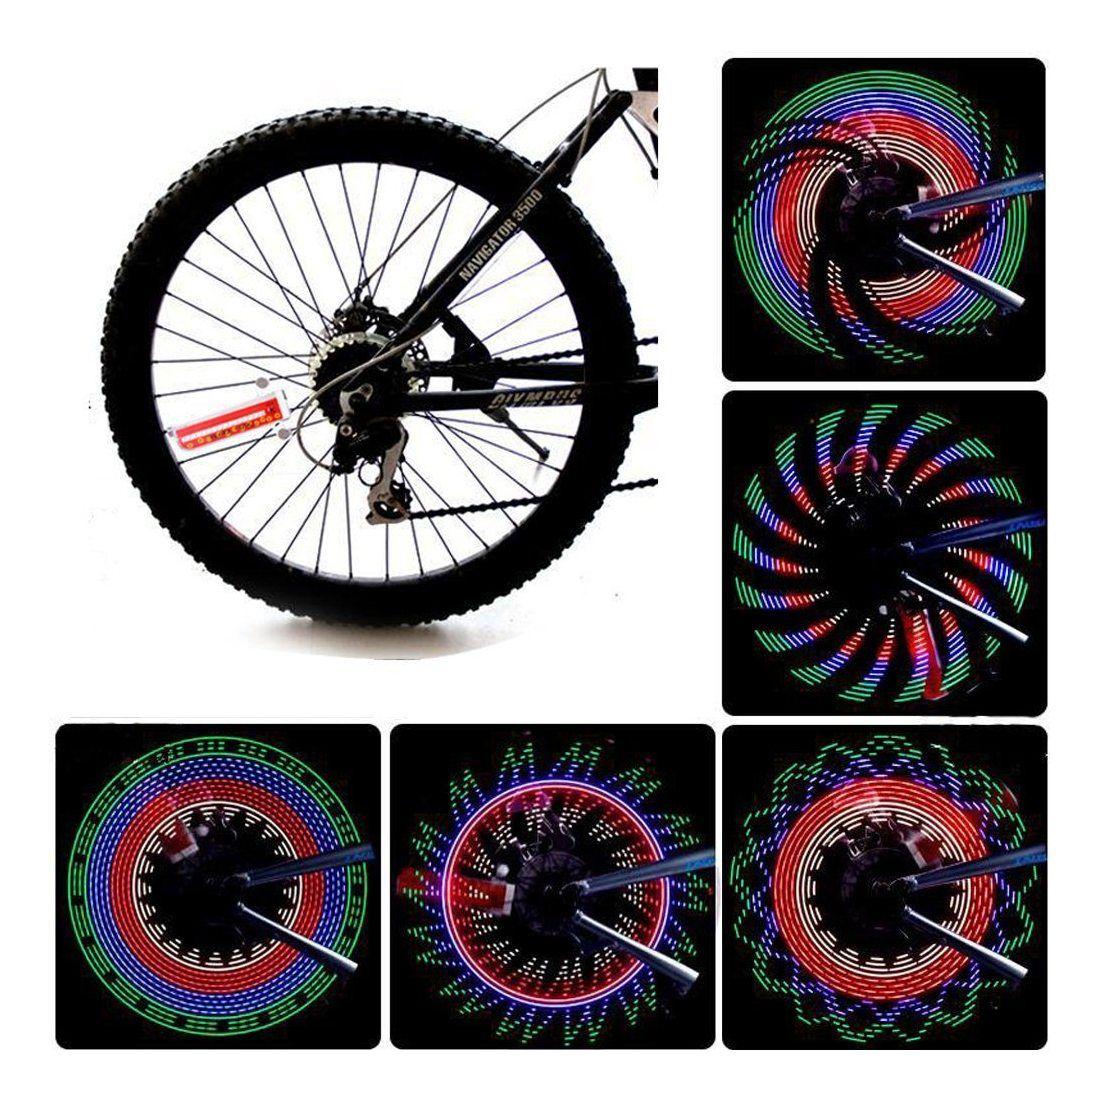 Bliplus Eclairage pour Vélo colorées 32 LED Eclairage Roue de Vélo Spoke Light pour Outdoor équitation